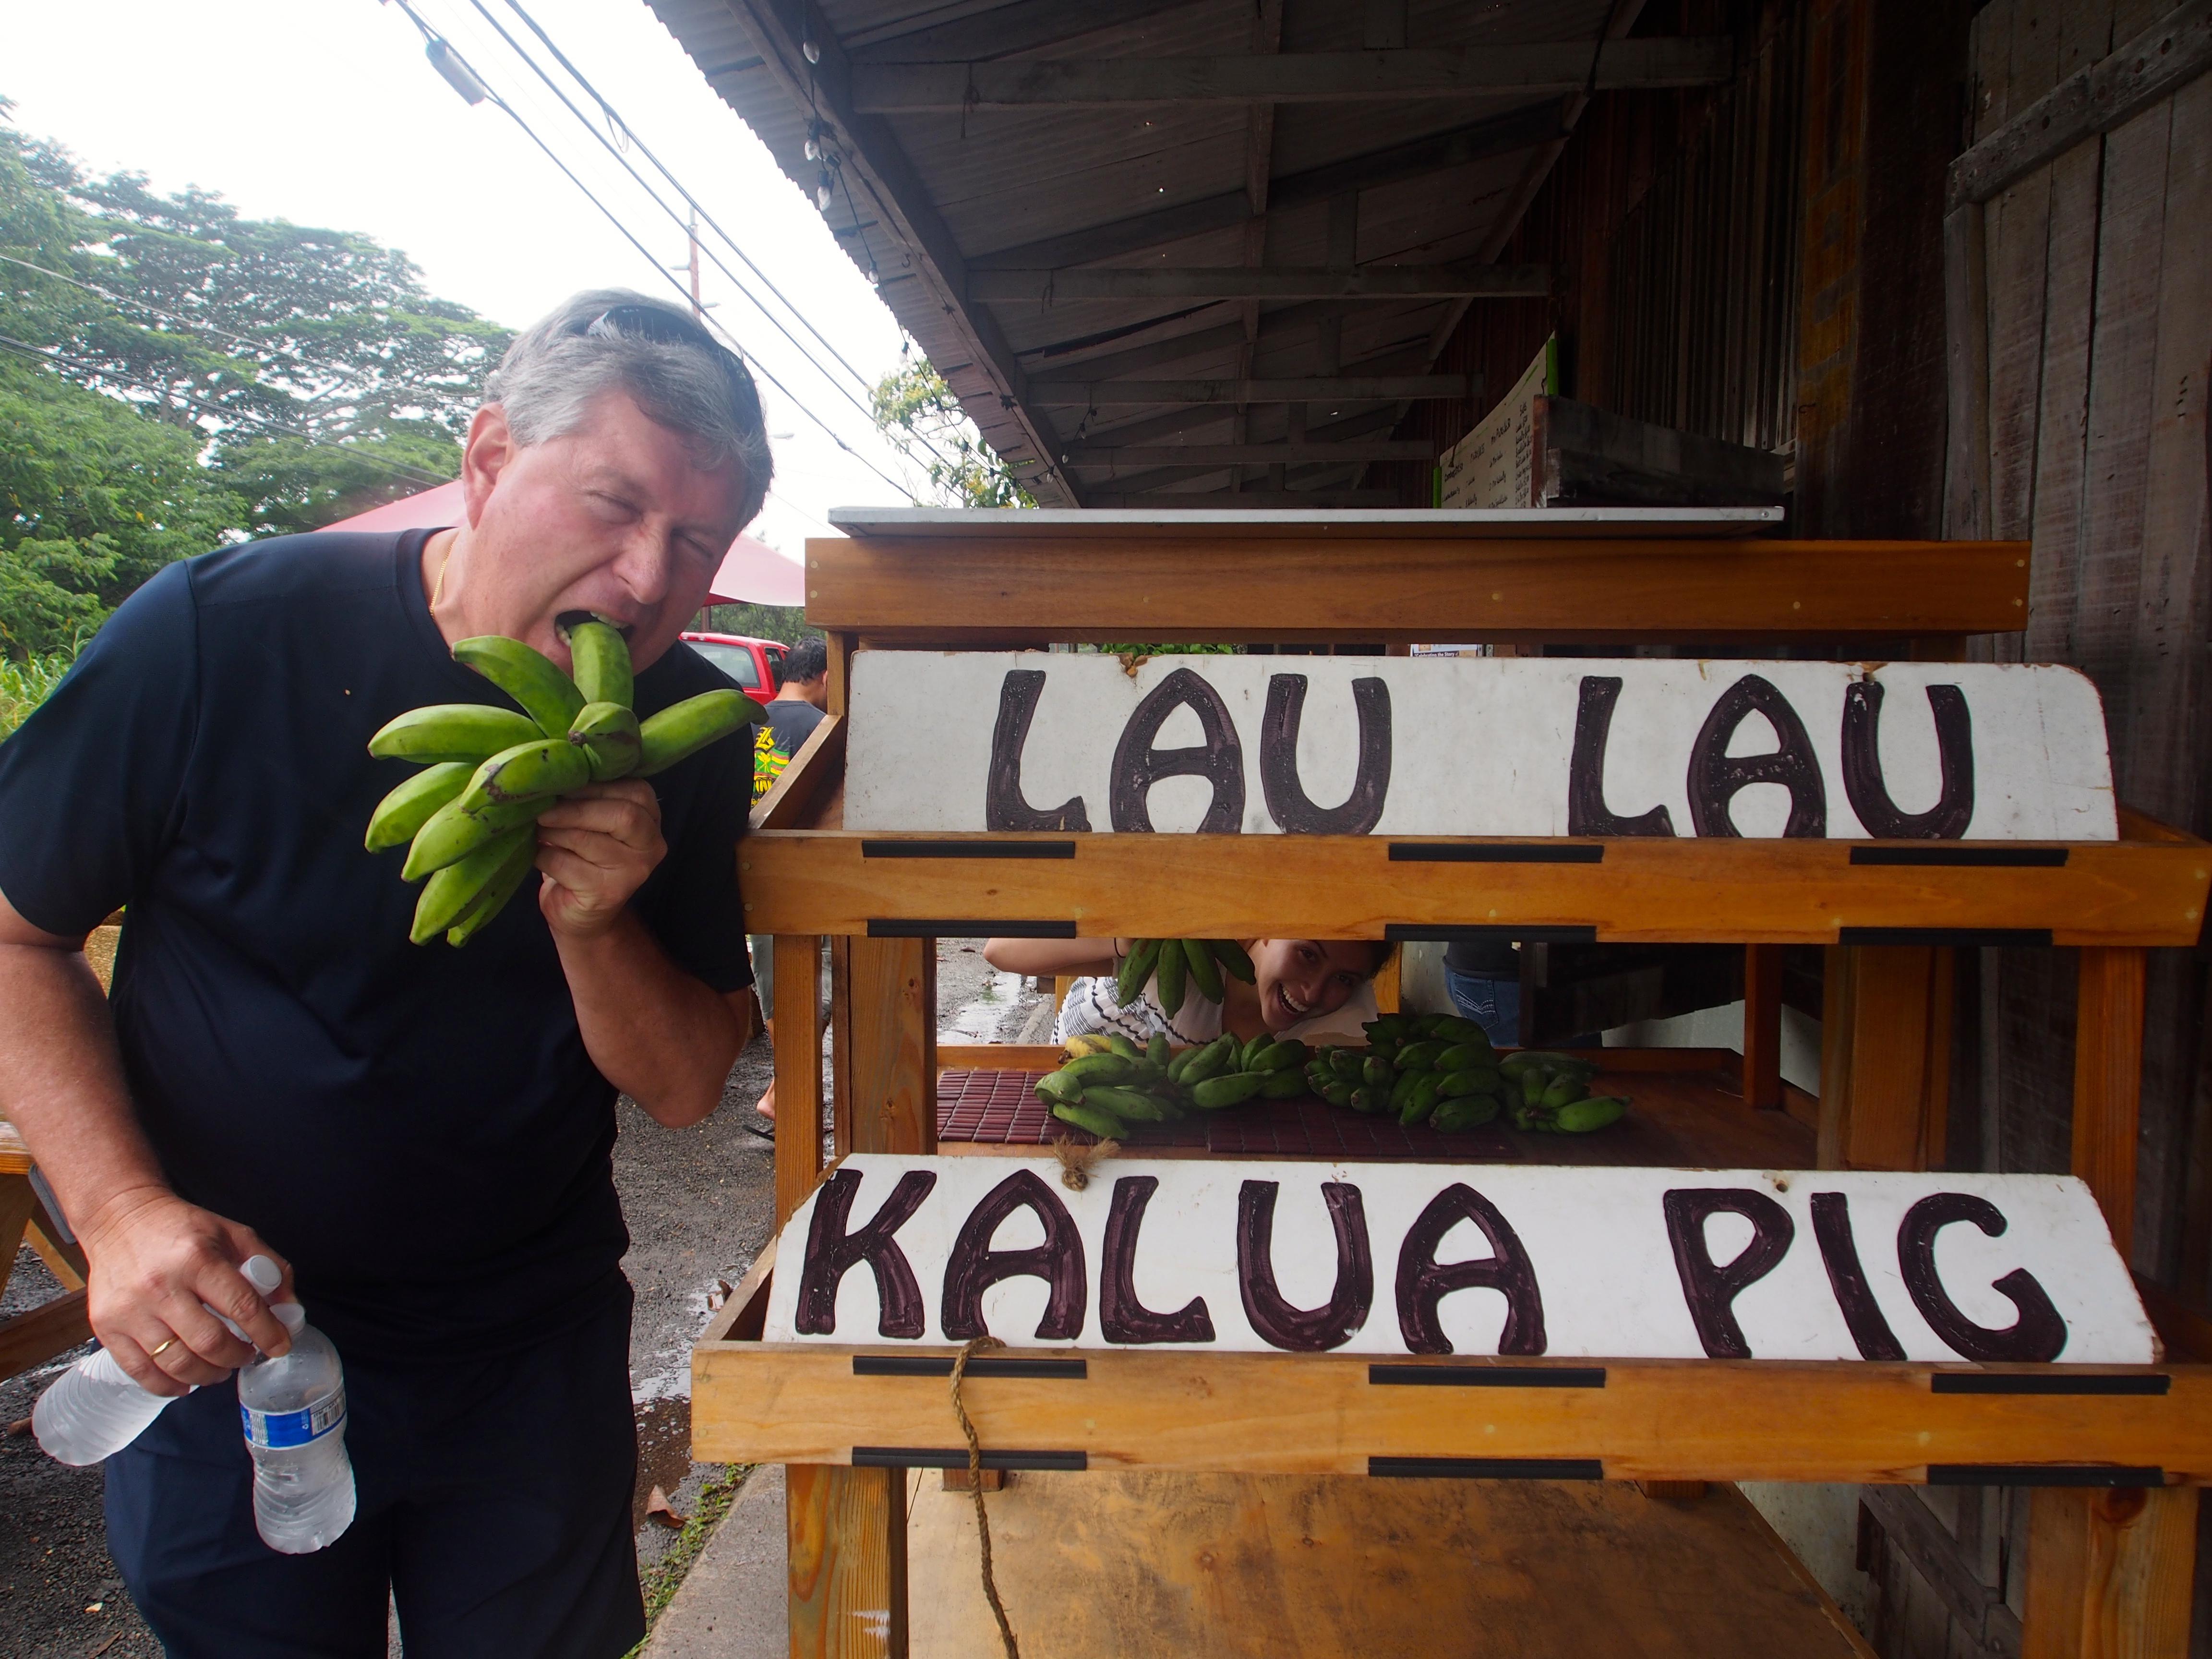 Lau Lau And Kalau Pig At Waiahole Poi Factorywhere Food Is I Am